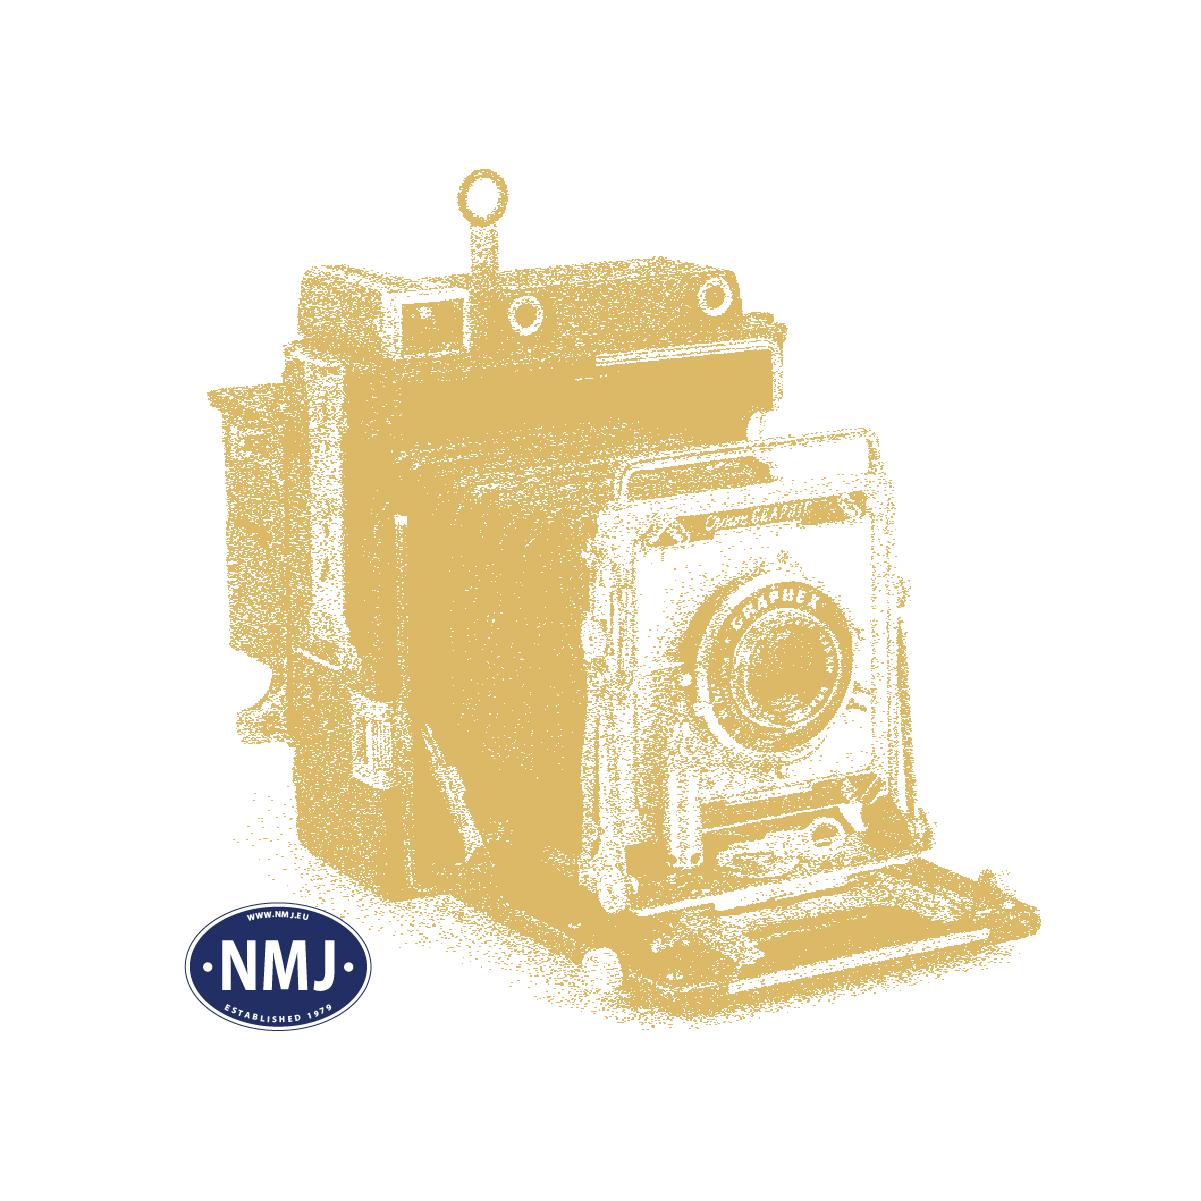 NMJS30b362 - NMJ Superline NSB Type 30b 362, Driftsversjon